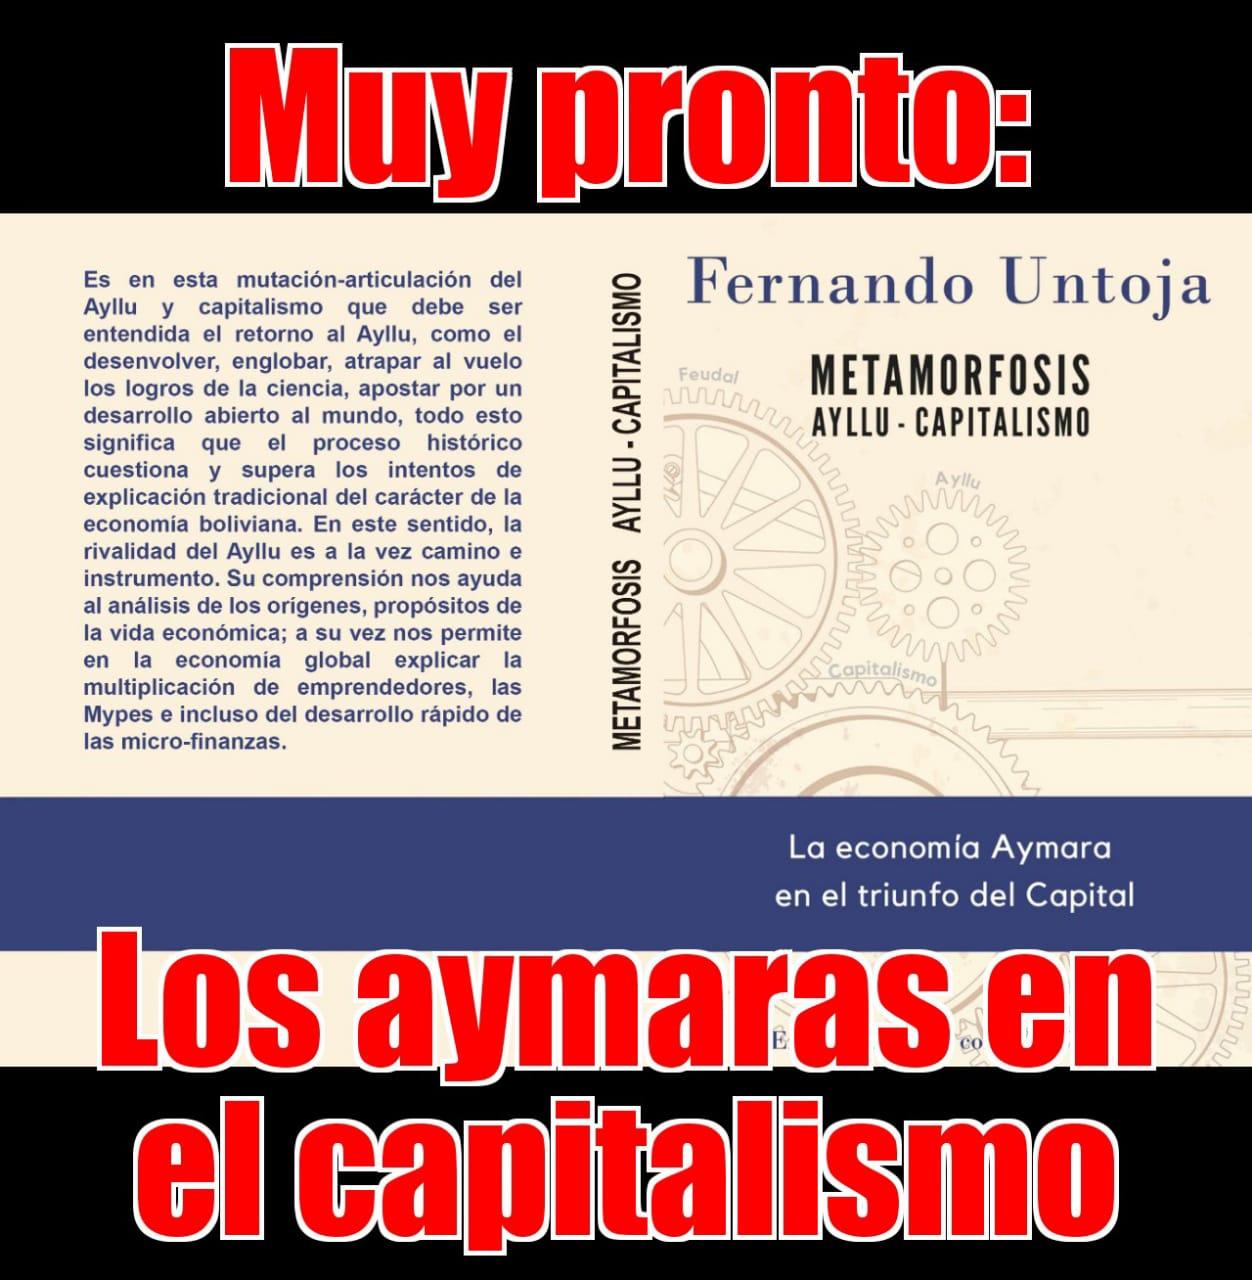 Candidato vicepresidencial Fernando Untoja y su visión: economía aymará en el triunfo del capital